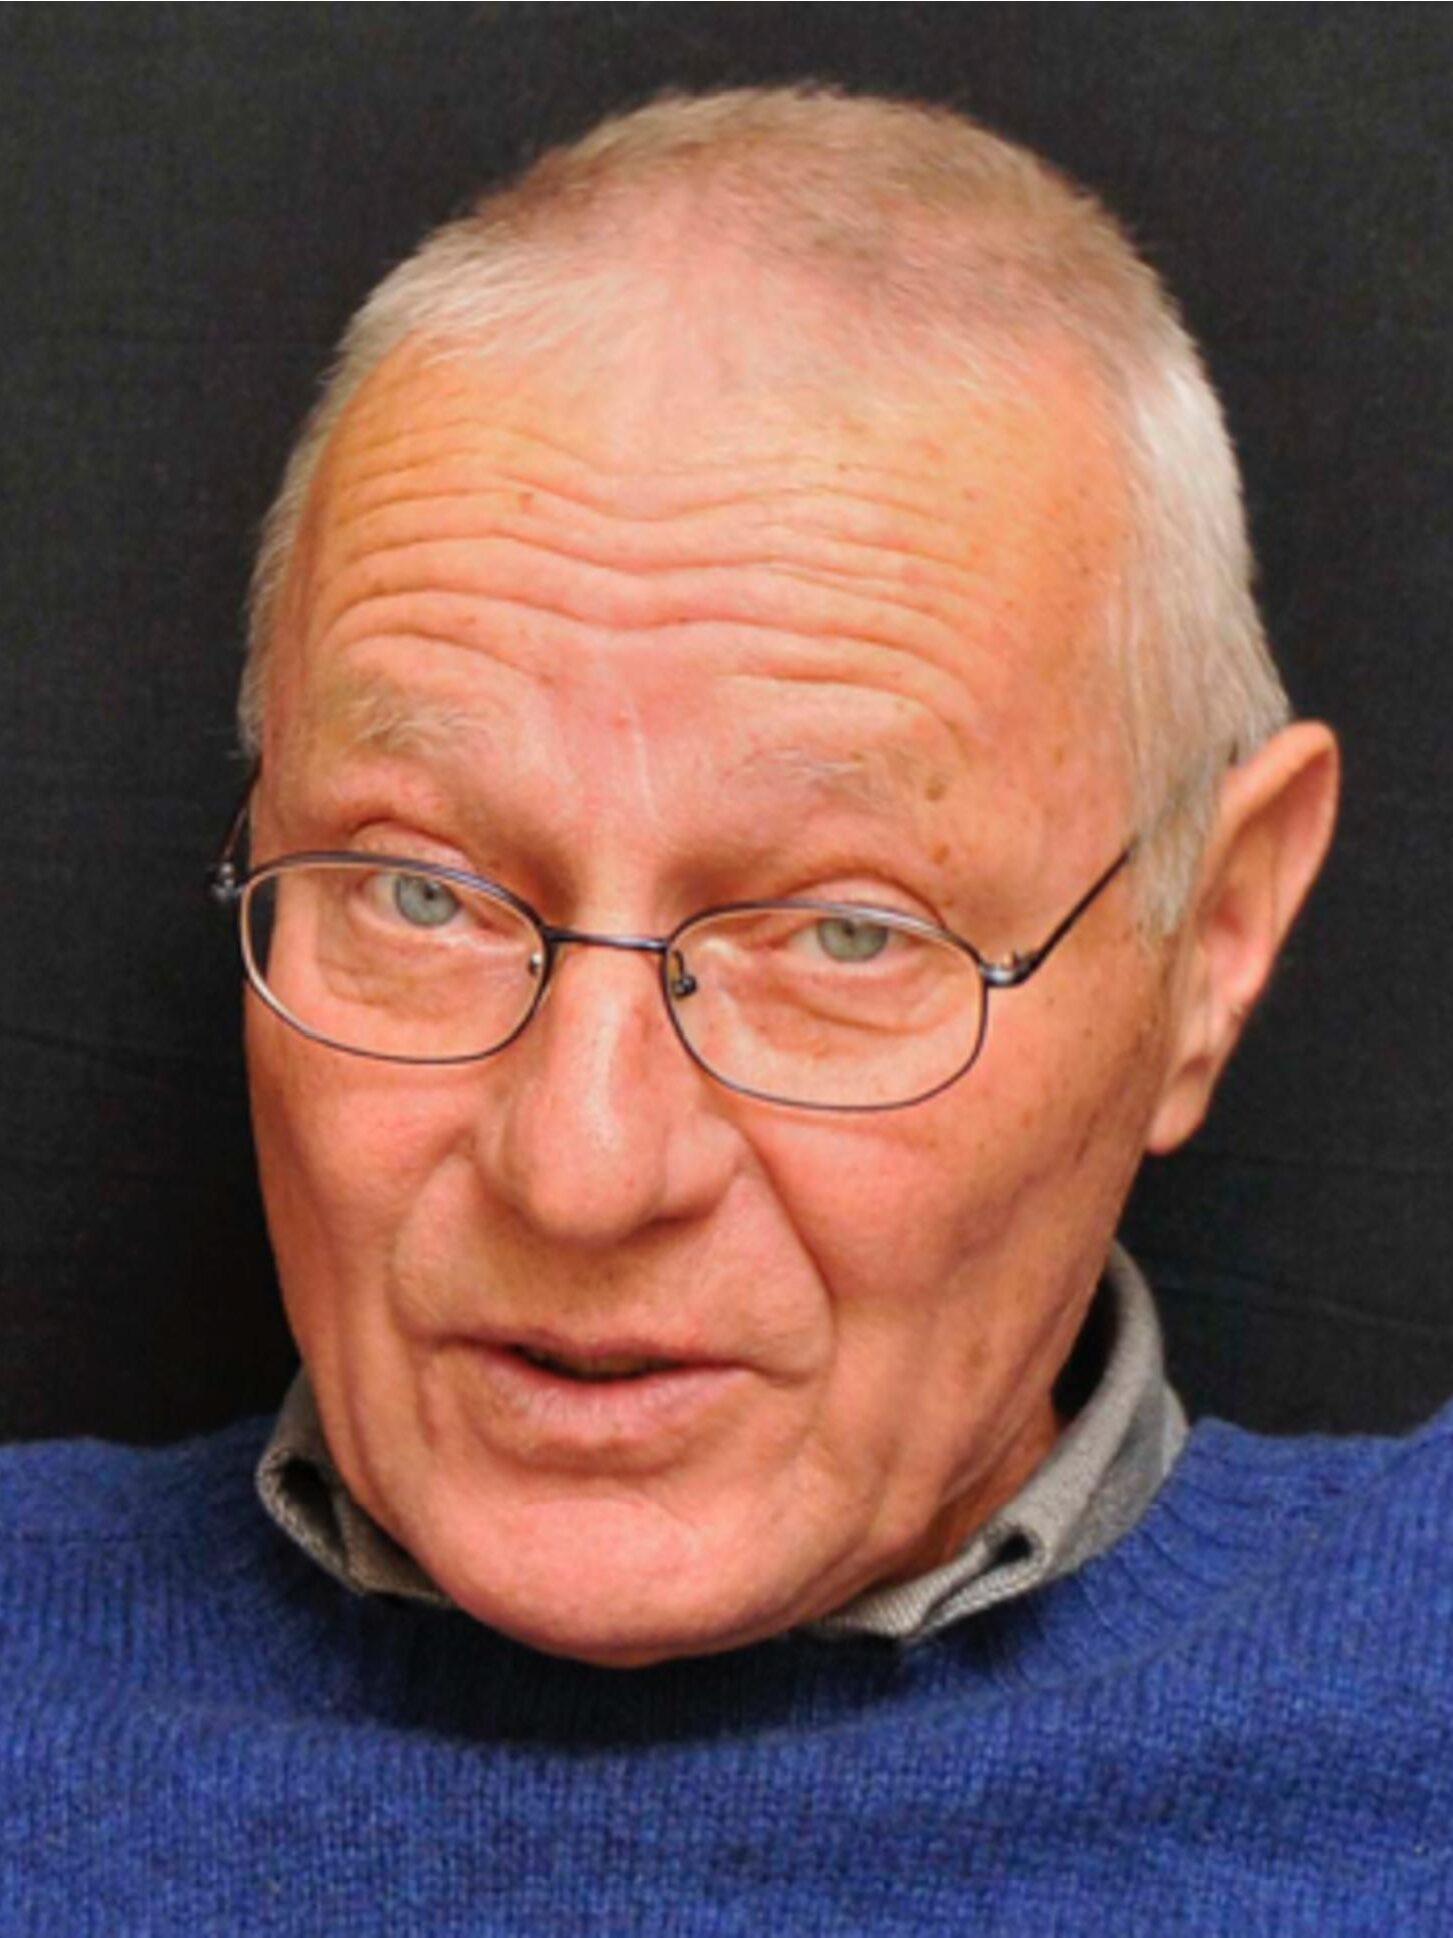 Dieter Liechti-Keller